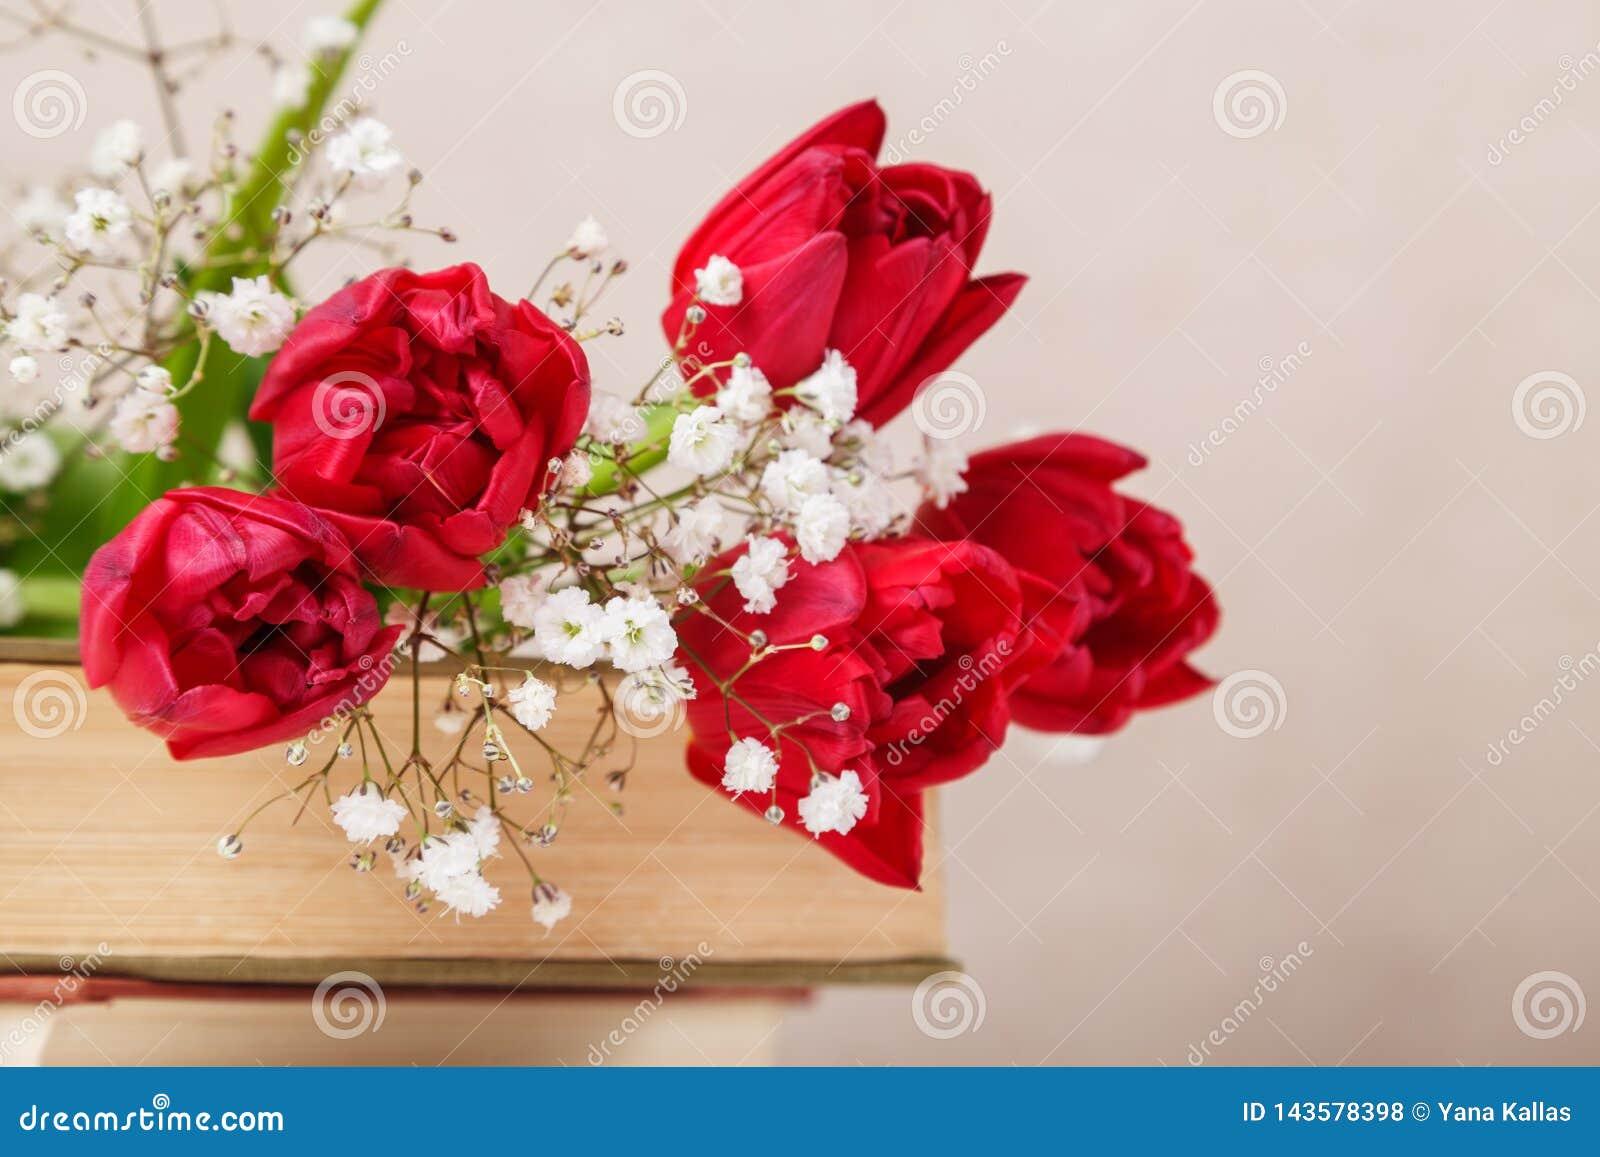 Rocznika wciąż życie z wiosny czerwonymi tulipanami i książki na beżowym tle Matka dzień, kobieta dnia pojęcie